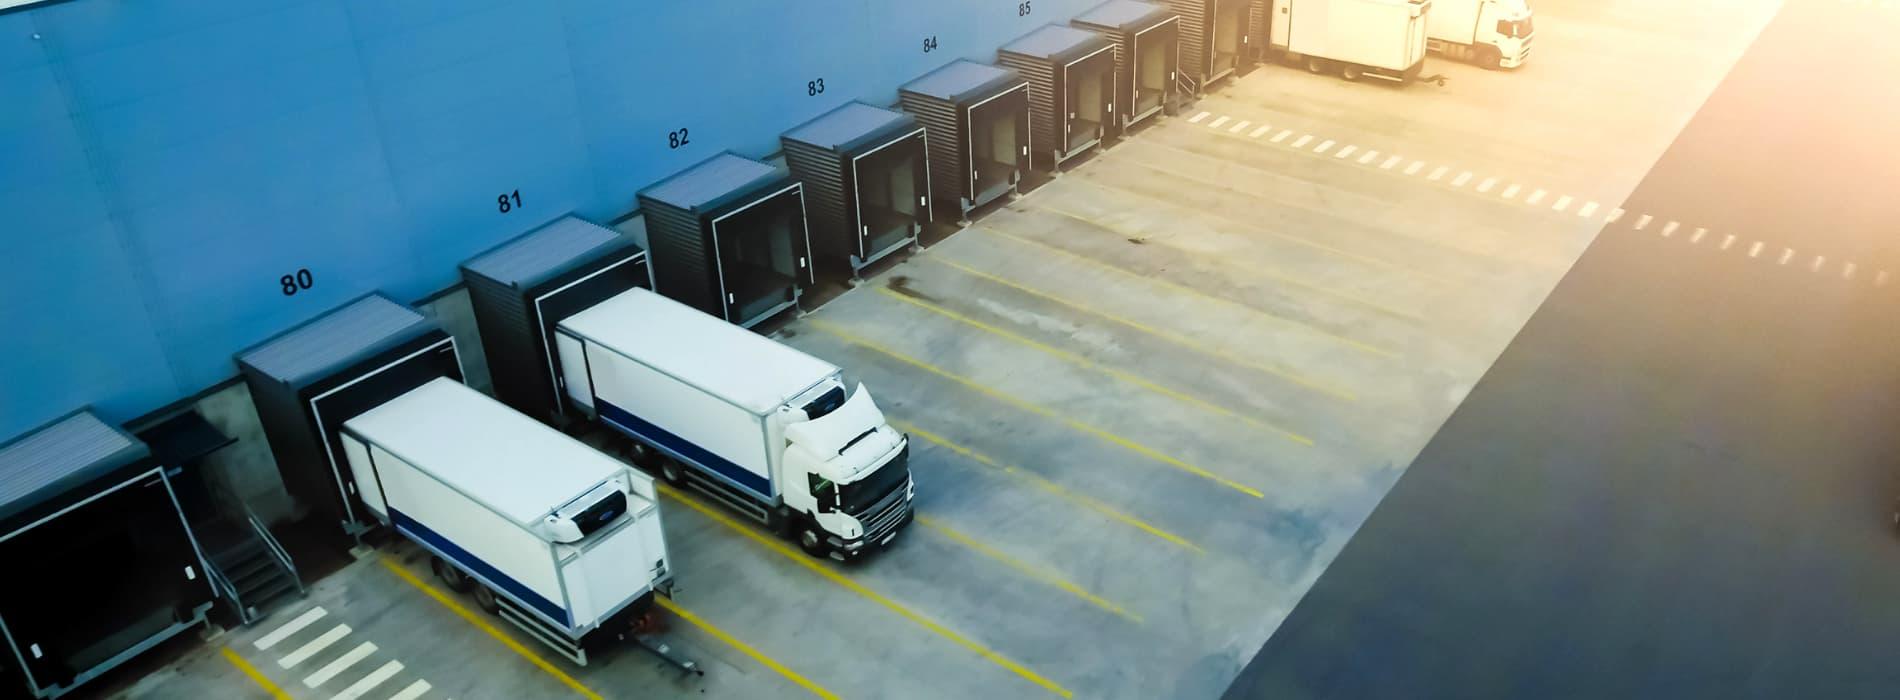 Loading-dock-equipment-Australia